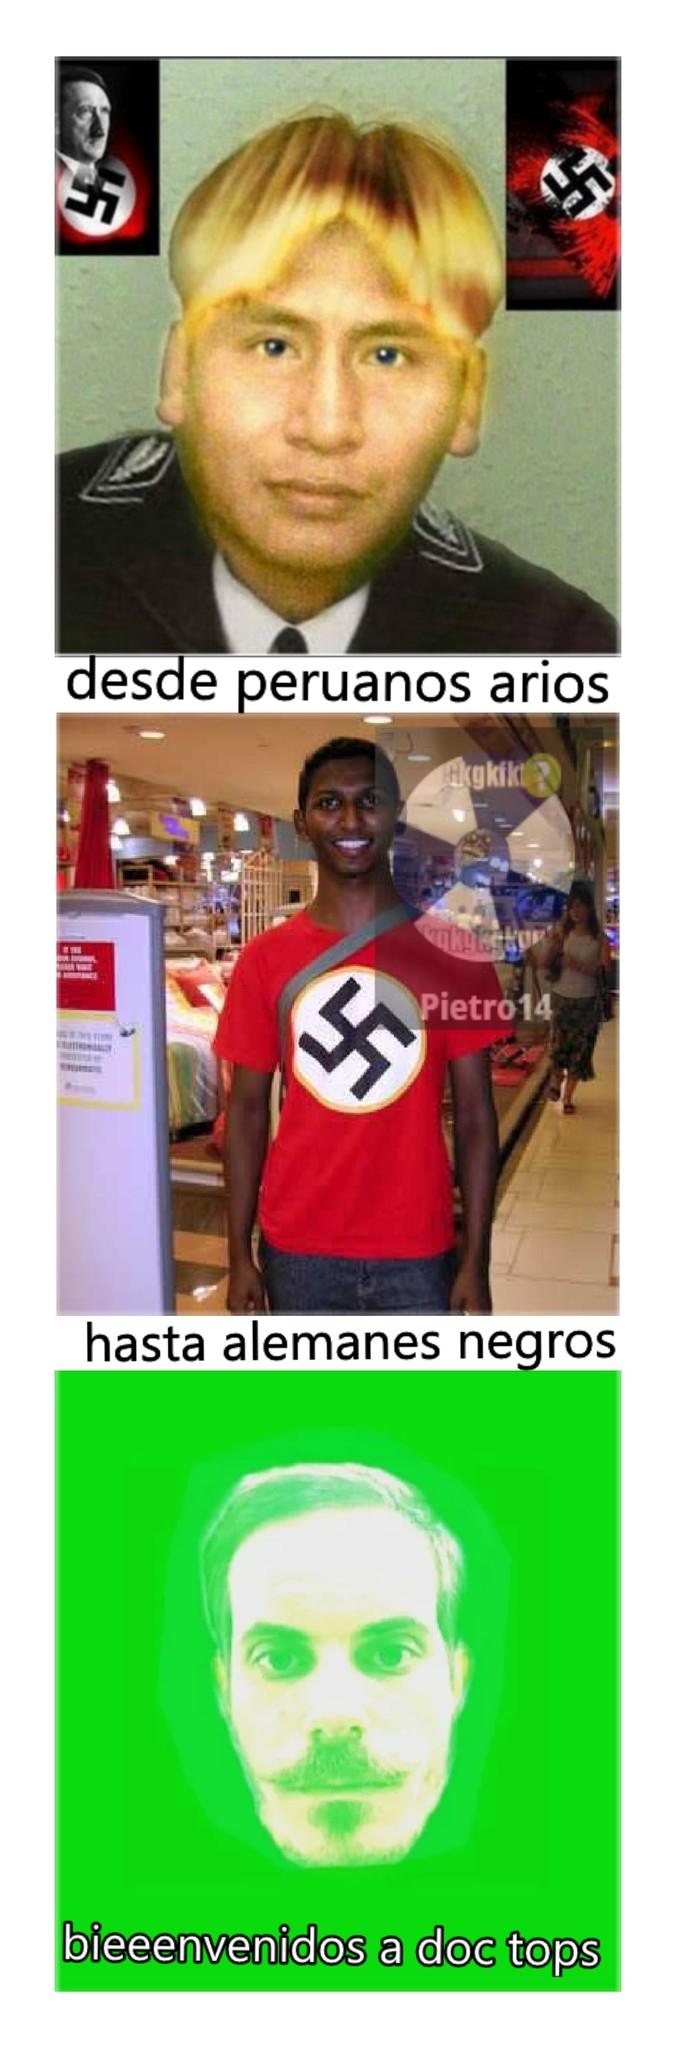 SOLO LOS PERUANOS LO ENTENDERAN - meme